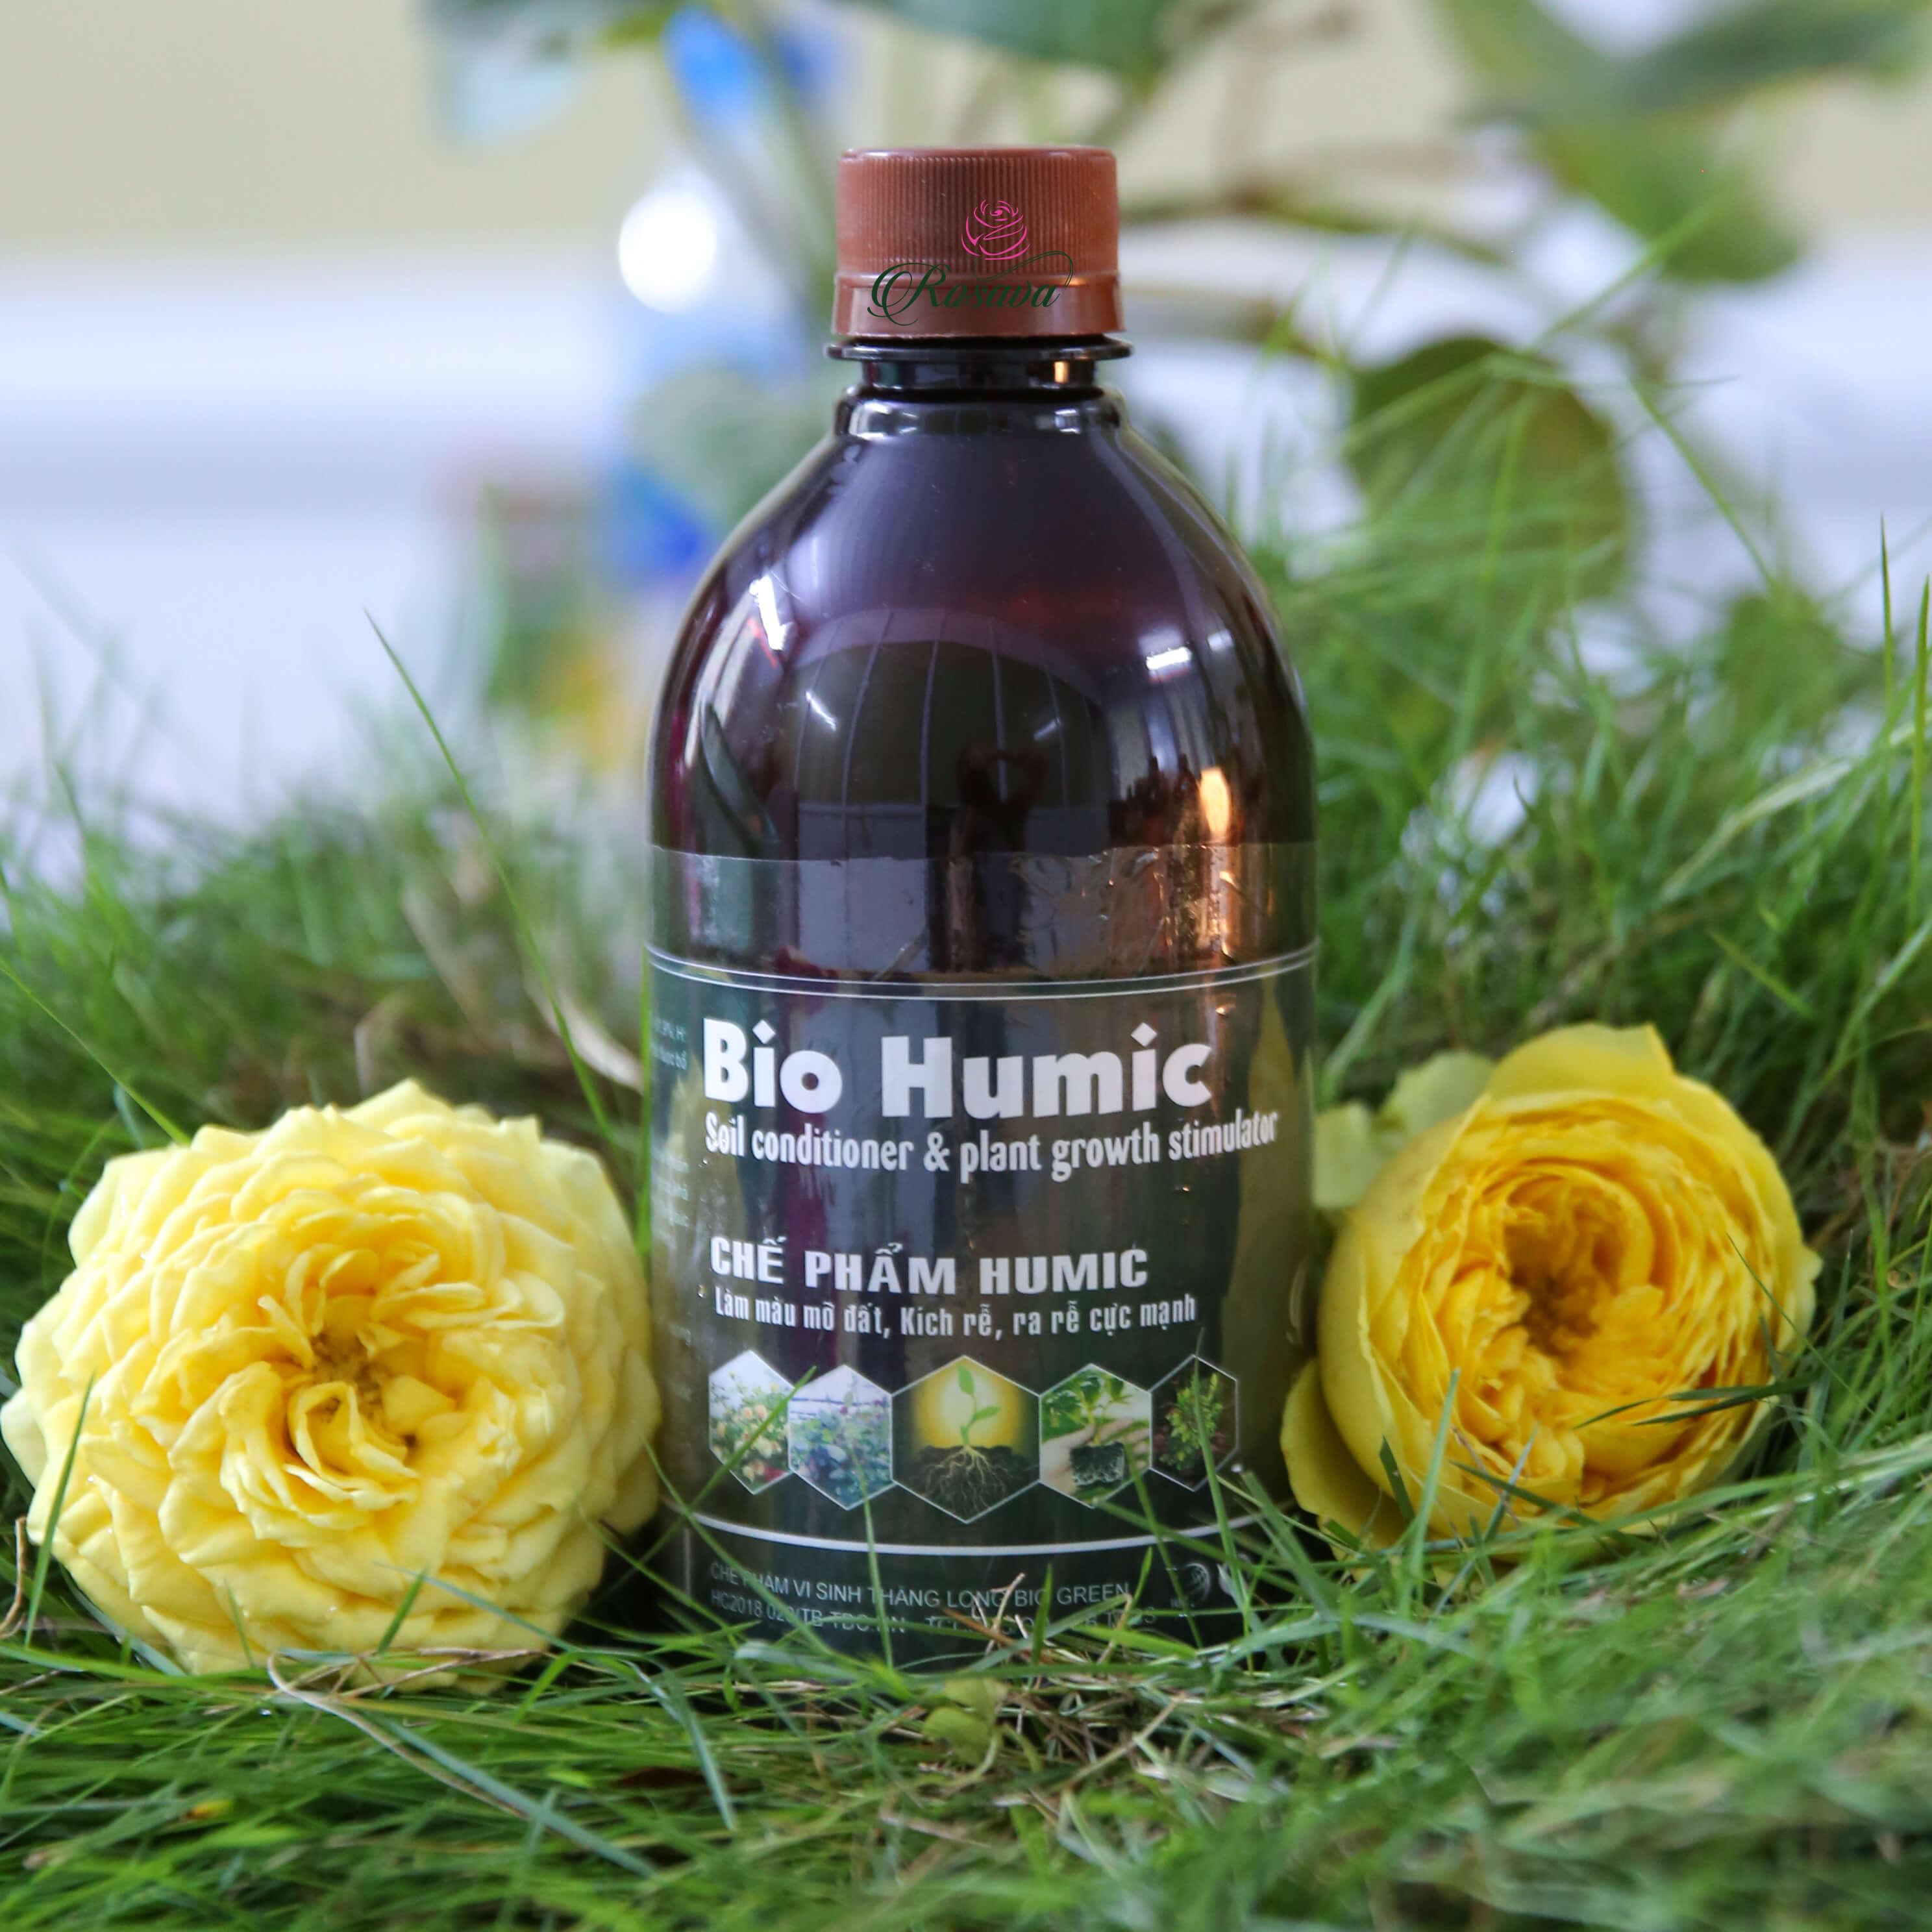 Chế phẩm nuôi dưỡng đất organic Bio Humic – phân bón thiết yếu cho cây trồng